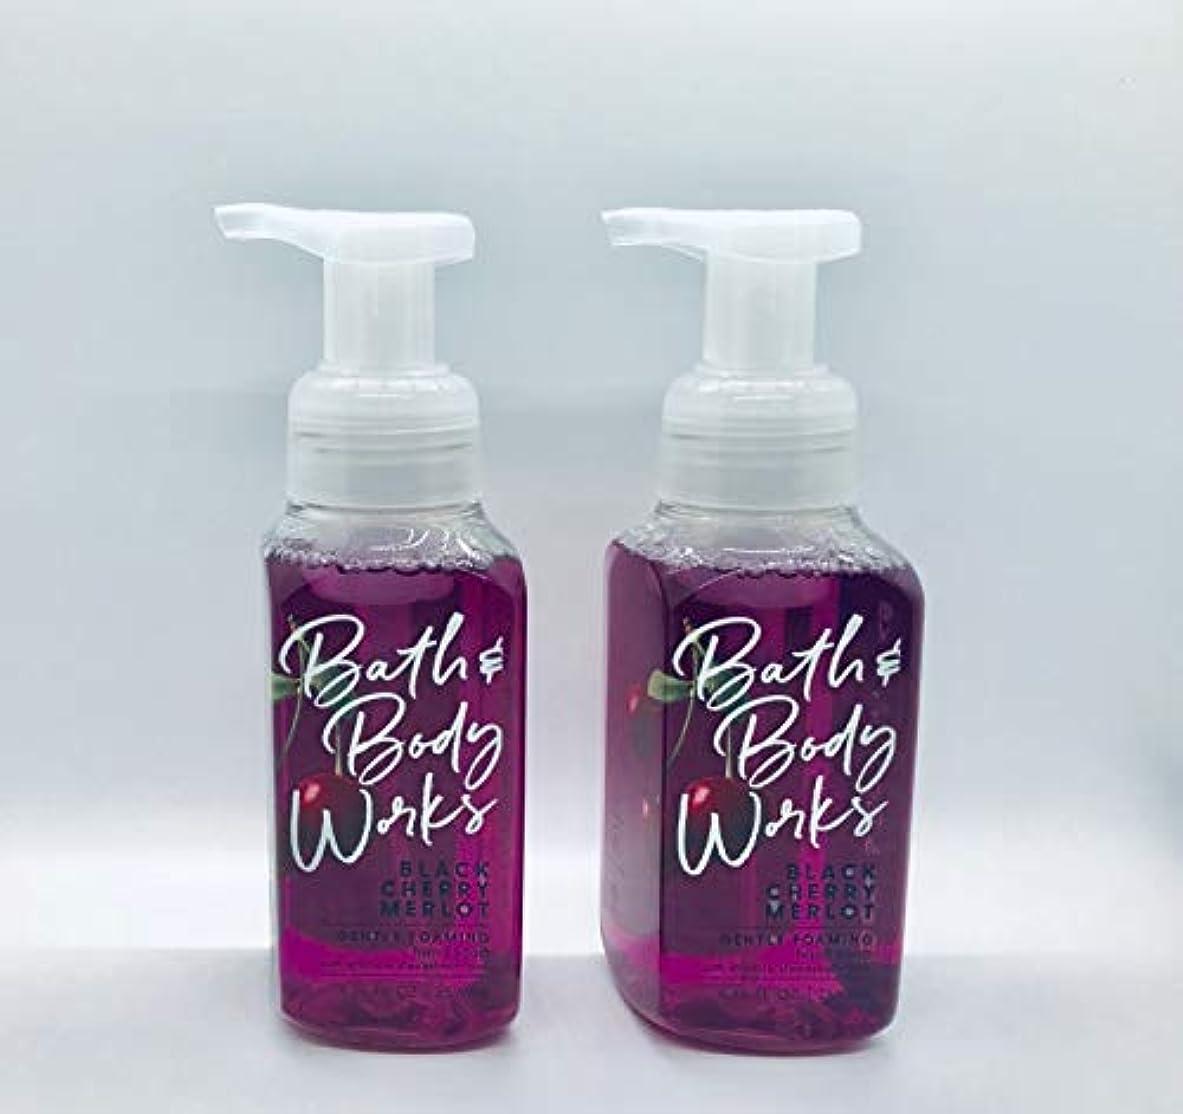 俳優動力学レインコートバス&ボディワークス ジェントル フォーミング ハンドソープ Black Chery MERLOT Gentle Foaming Hand Soap [並行輸入品]